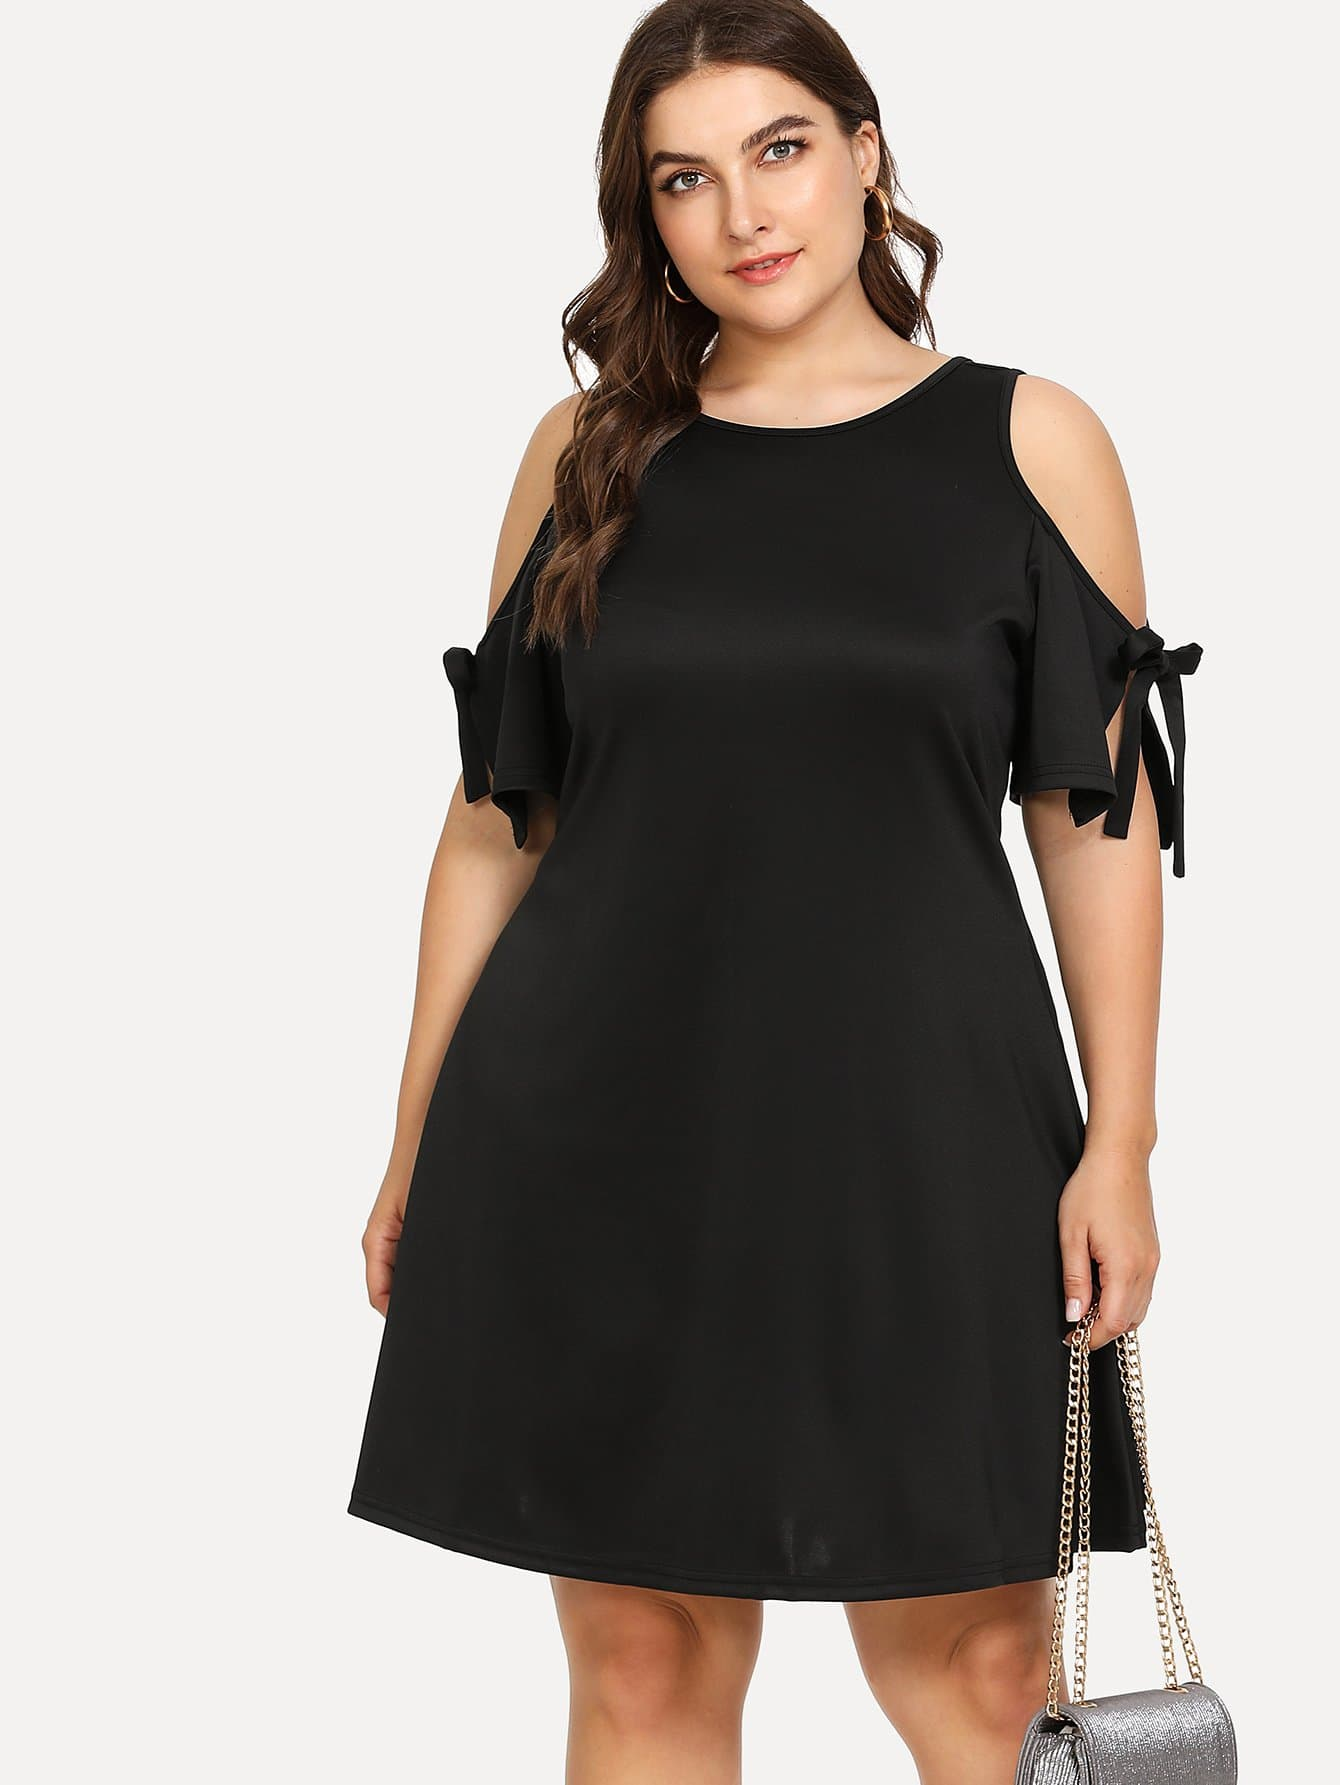 Kleid mit Band auf den Ärmeln und Schlussloch hinten